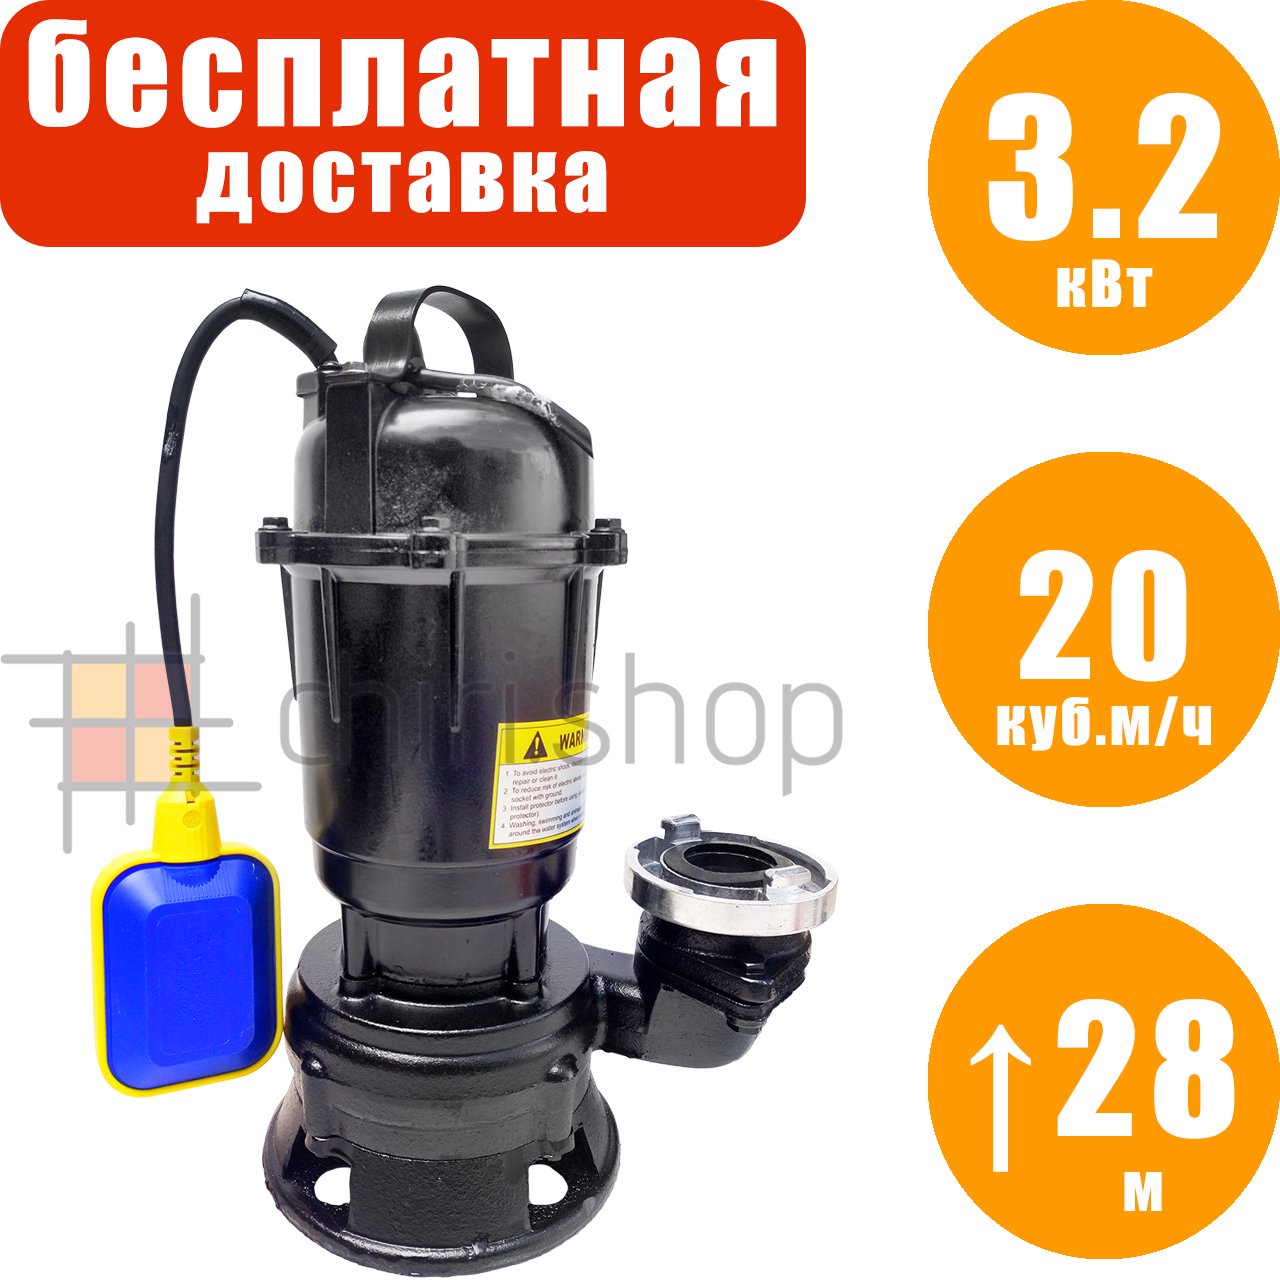 Фекальный насос с поплавком алюминиевый Onex OX-7002, 20 куб.м/ч, дренажный насос для выгребных ям